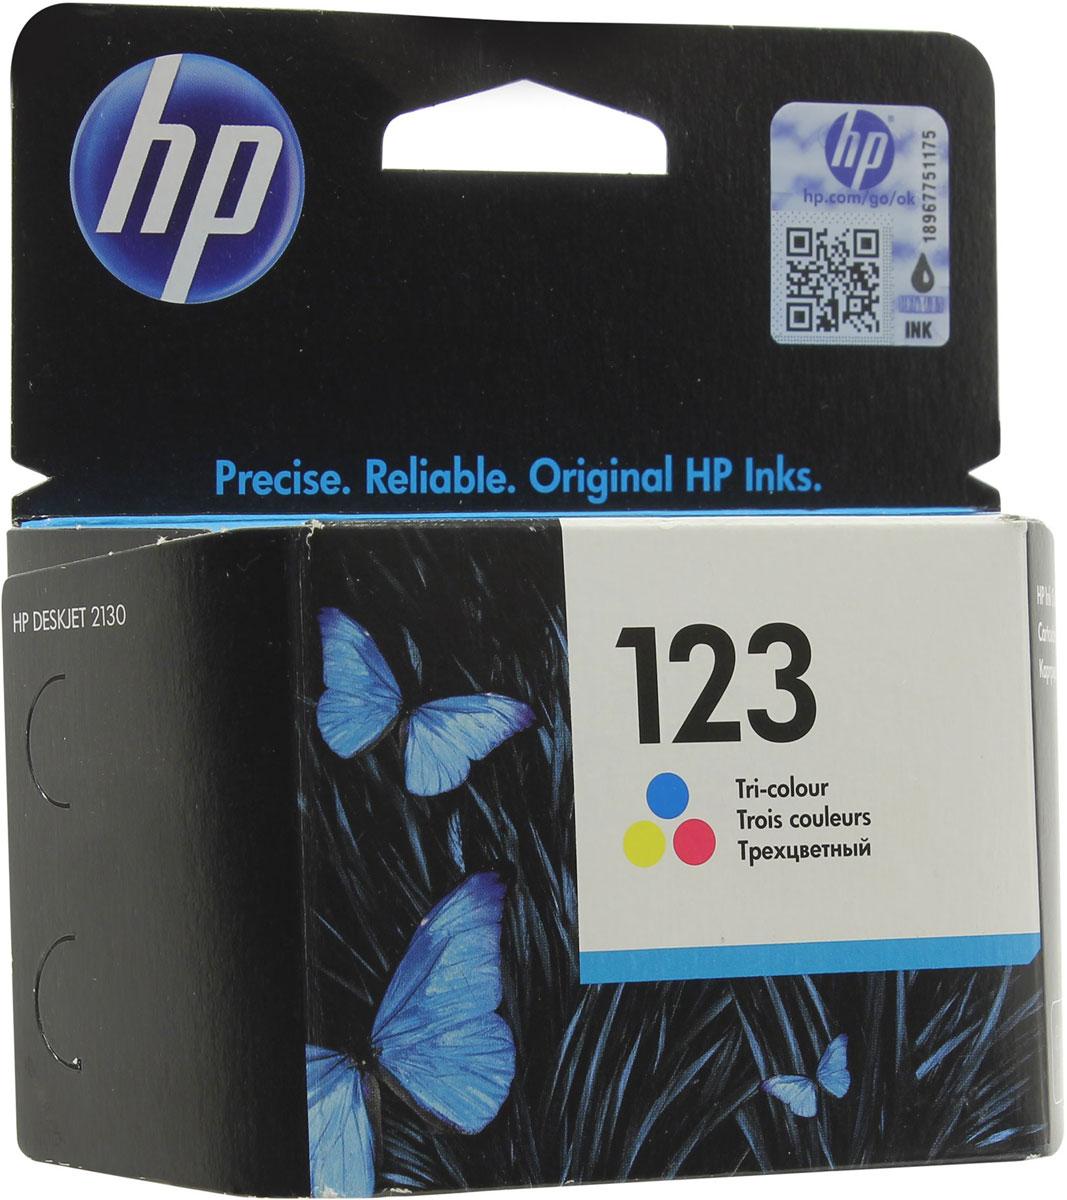 HP F6V16AE, Color картридж для DeskJet 2130 All-in-One (K7N77C)F6V16AEВыполняйте высококачественную печать цветных фотографий и документов с помощью недорогих струйных оригинальных картриджей HP. Оцените надежность и качество результатов благодаря наличию специальных средств защиты (которые гарантируют, что вы приобрели оригинальный картридж) и системы оповещения о низком уровне чернил. Раскройте все возможности принтеров и чернил HP. Создавайте фотографии и документы неизменно высокого качества с помощью оригинальных струйных картриджей HP. Оригинальные струйные картриджи HP отличаются надежностью и обеспечивают стабильно высокое качество результатов. Оцените непревзойденное качество печати для дома, учебы или работы, и используйте картриджи, специально разработанные и протестированные для работы с принтерами HP.